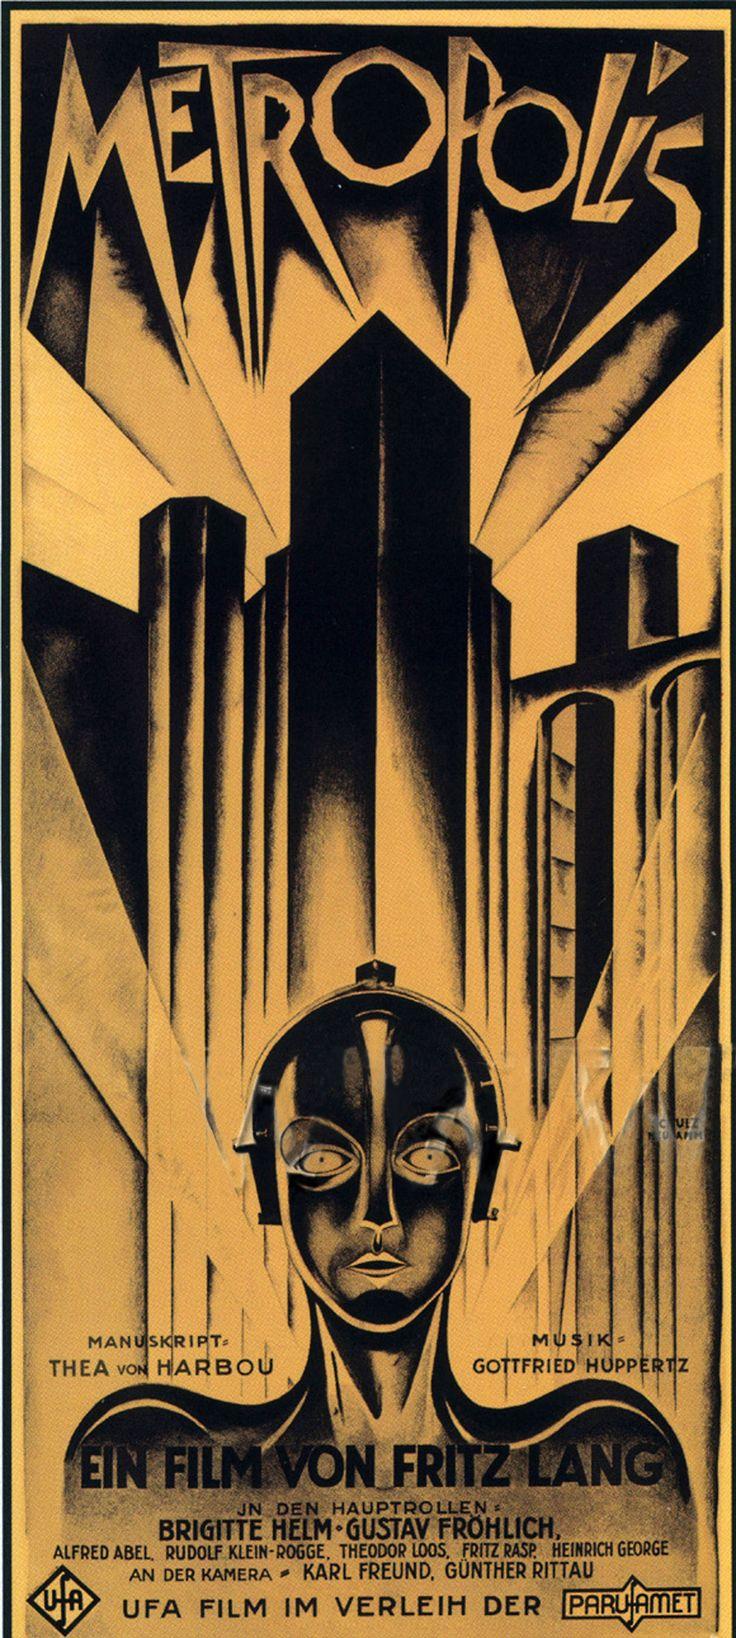 vintage art | Metropolis Poster, Metropolis (1927), Classic Vintage Movie Poster Nesta página em http://mundodecinema.com/lista-festivais-de-cinema/ encontra dezenas de festivais de cinema credenciados que todos os anos concentram atenções dos cinéfilos em Portugal, Brasil e no Mundo.